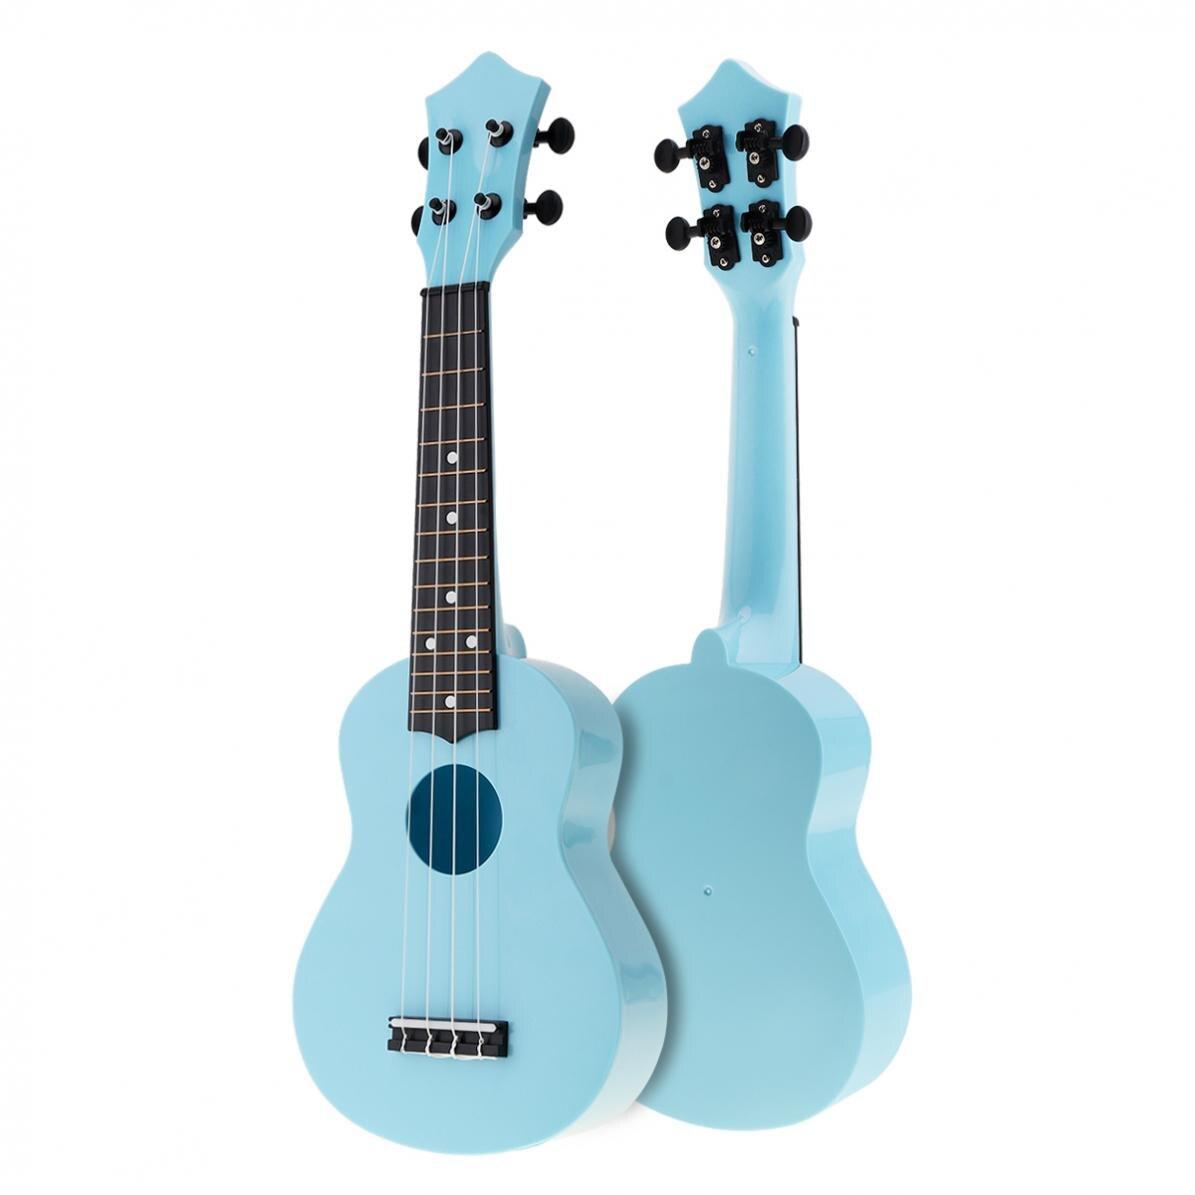 Harga Jual Acoustic Electric Guitar Store Marwanto606 Update 2018 Beal Tali Kernmantel Dinamis Rope Edlinger Ii 102mm 50m Import 21 Inch Warna Warni Akustik Ukulele Uke 4 Senar Gitar Hawaii